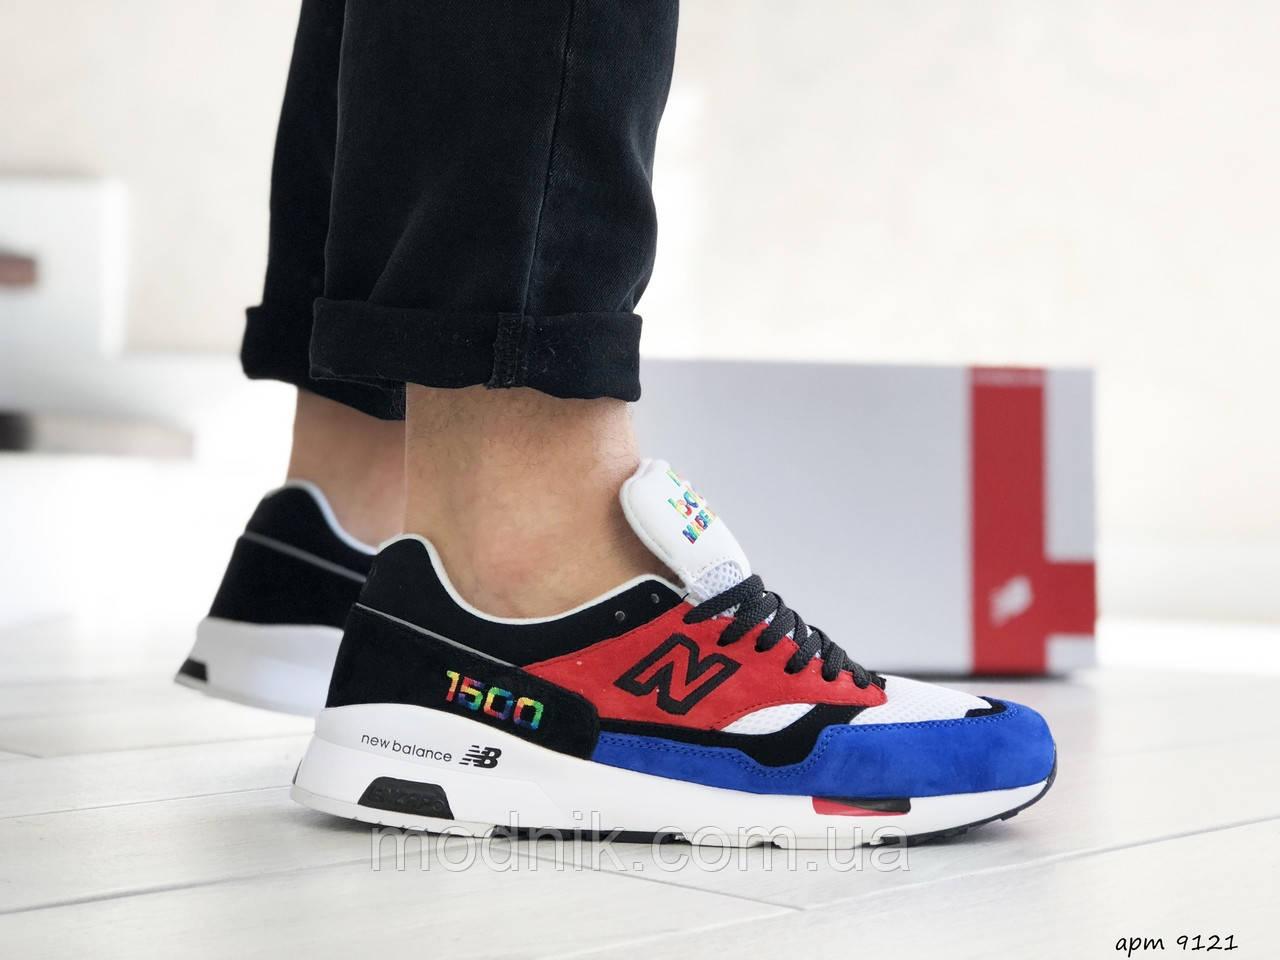 Мужские кроссовки New Balance 1500 ВЕЛИКОБРИТАНИЯ (красно-синие) 9121